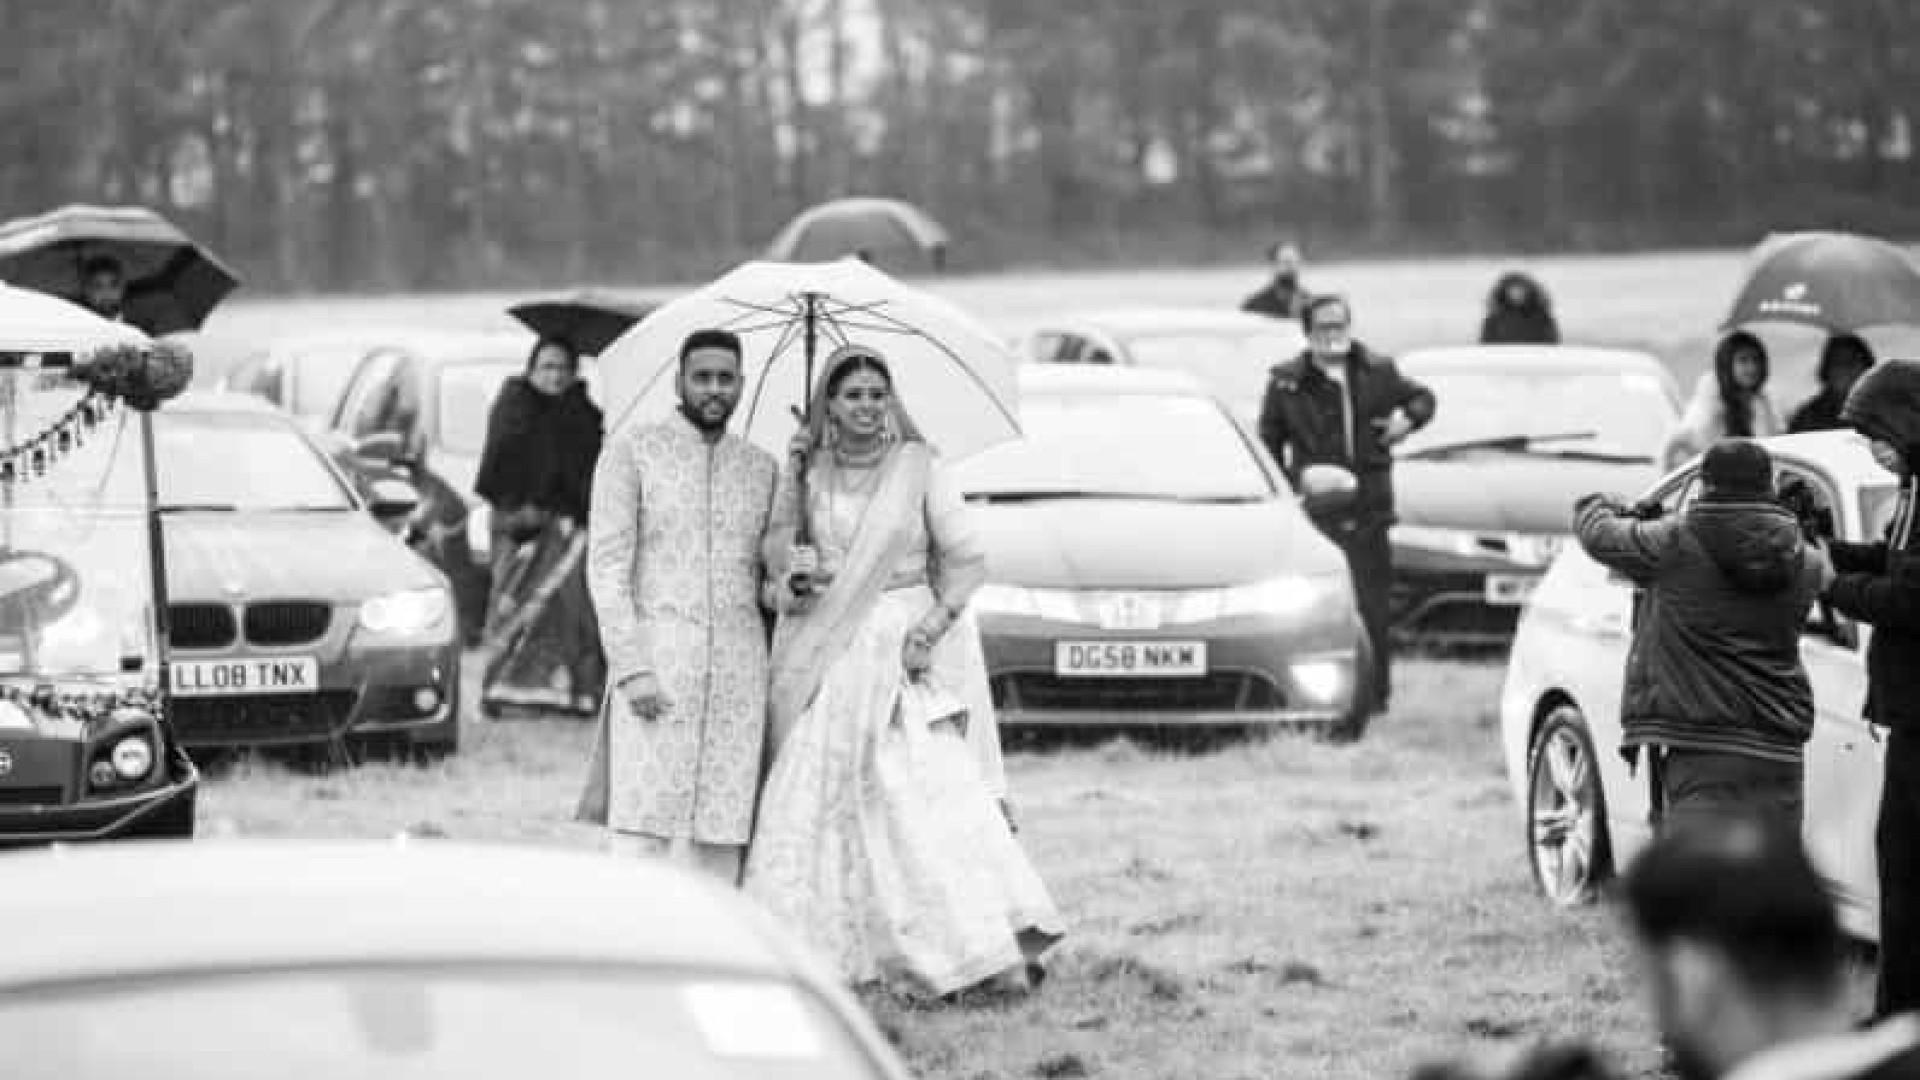 Na pandemia, noivos celebram casamento 'drive-in' com centenas de pessoas